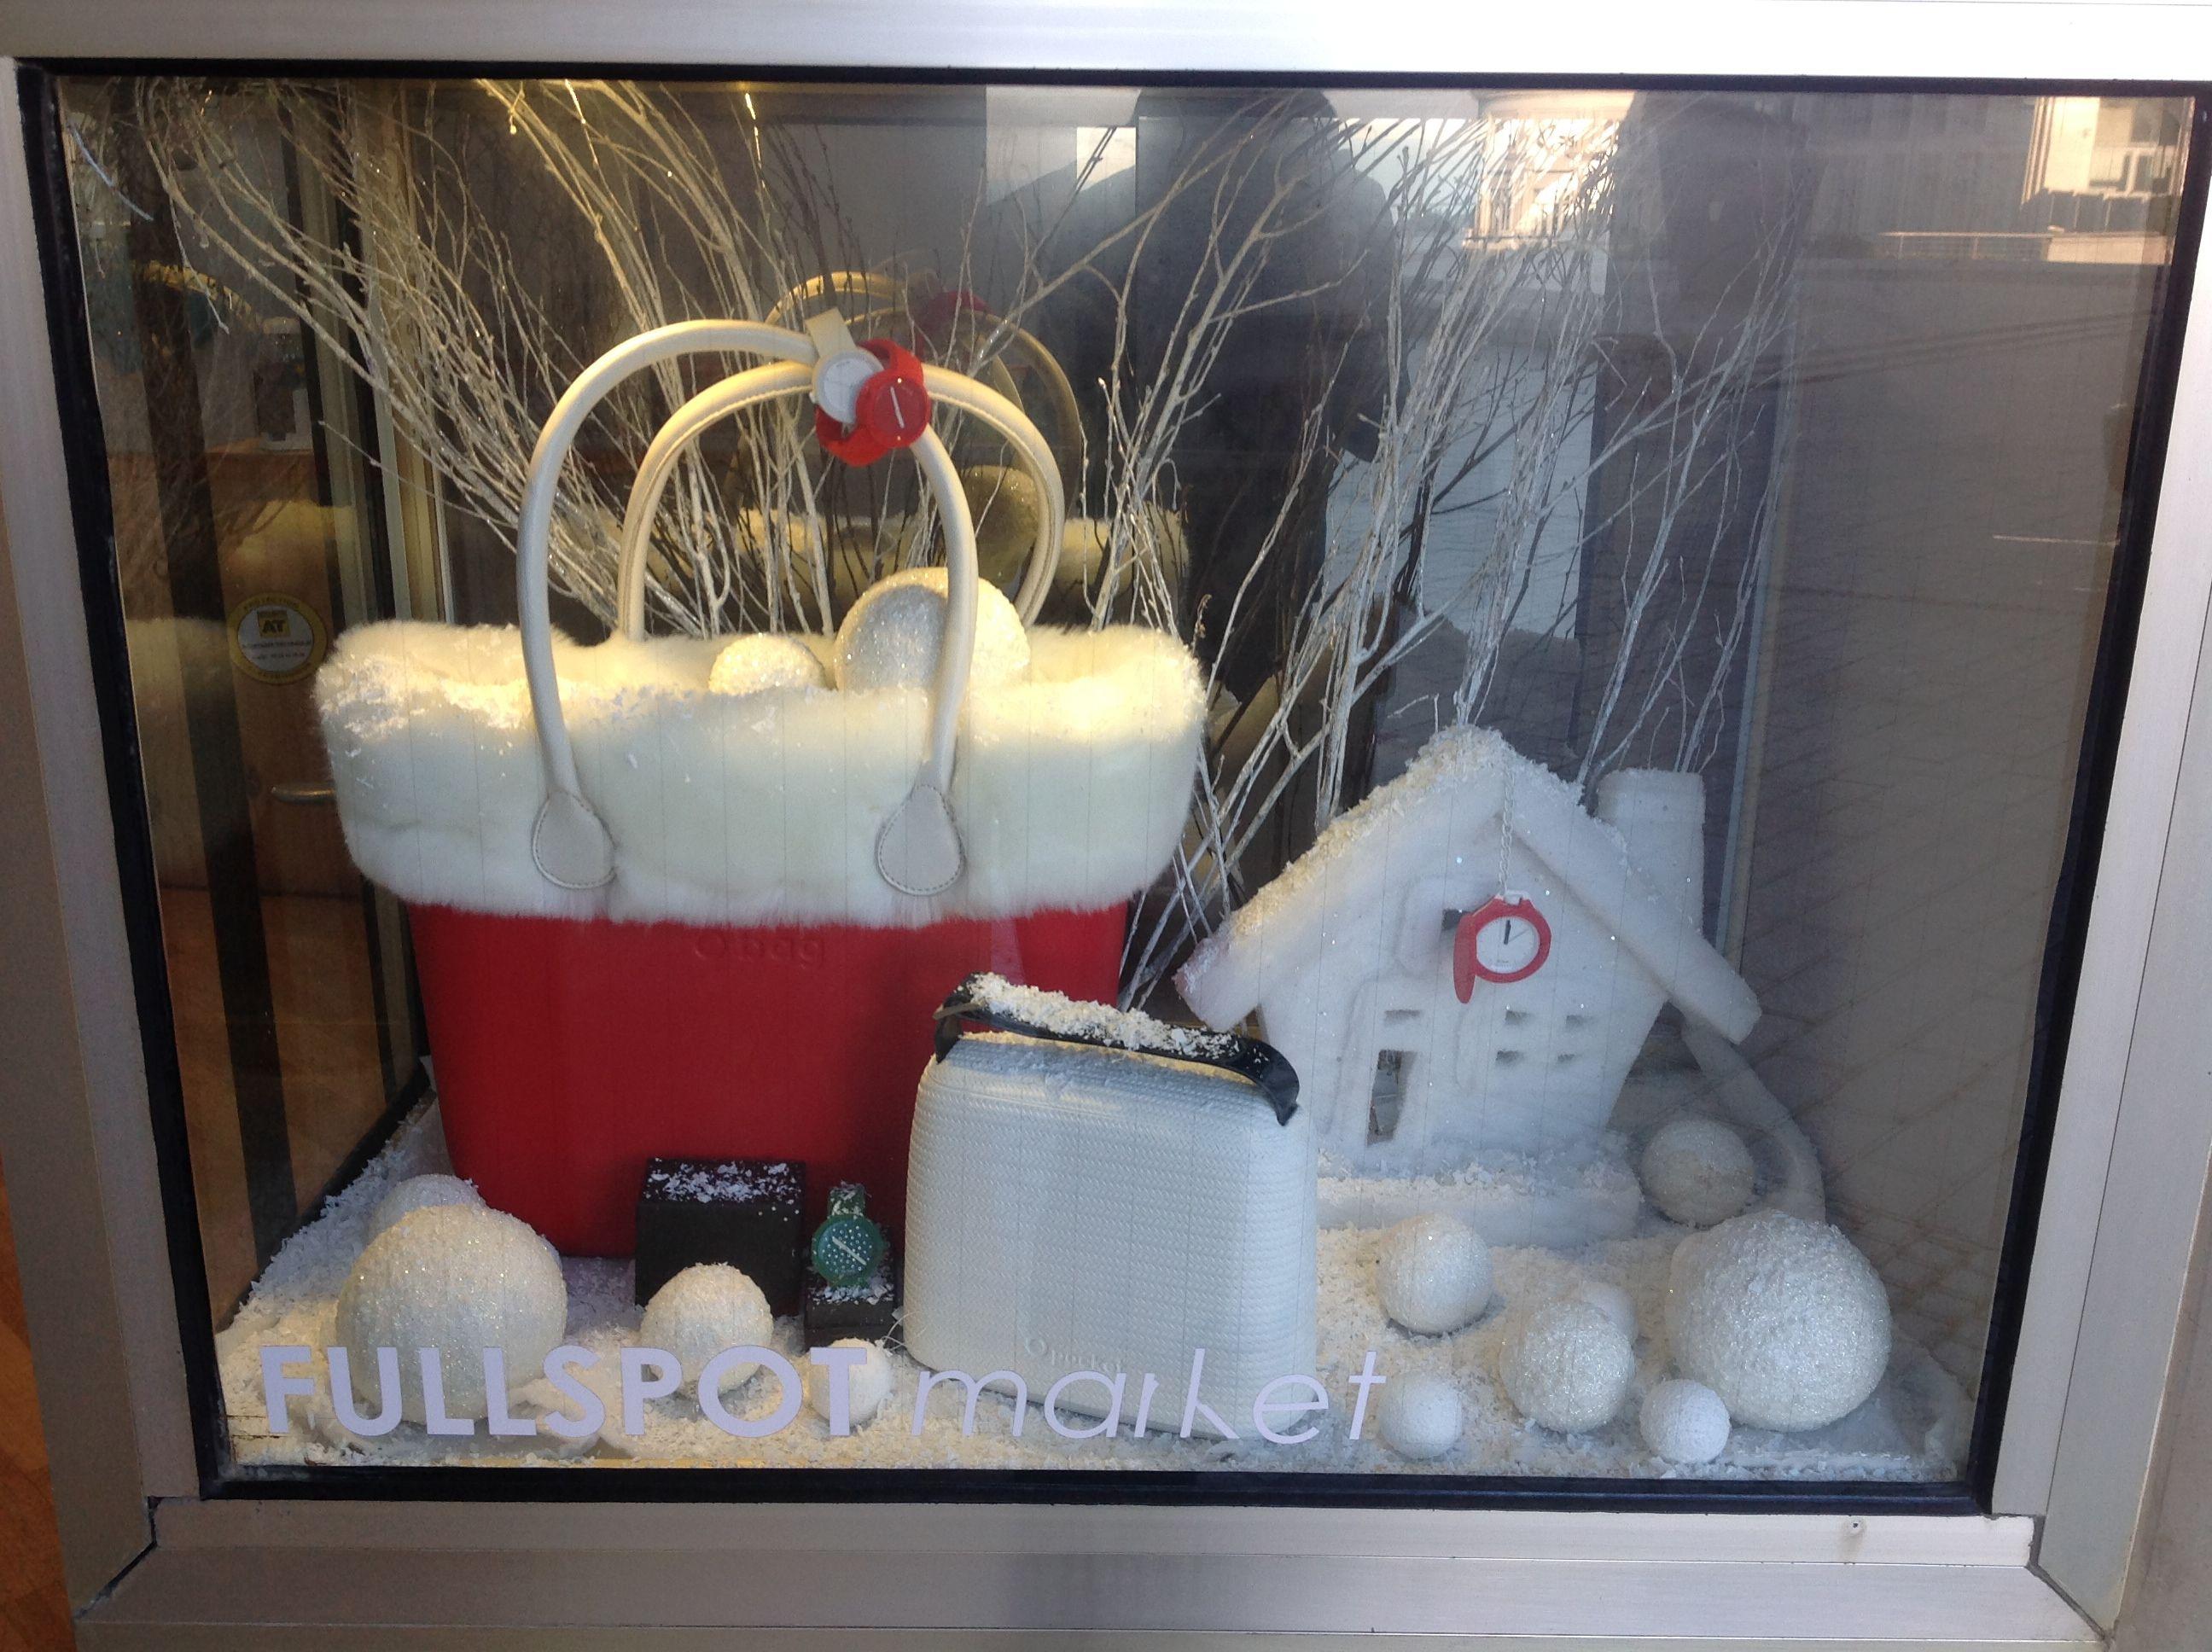 #obag #christmas #itbag #noel #snow #neige #fullspotbiarritz #fullspot